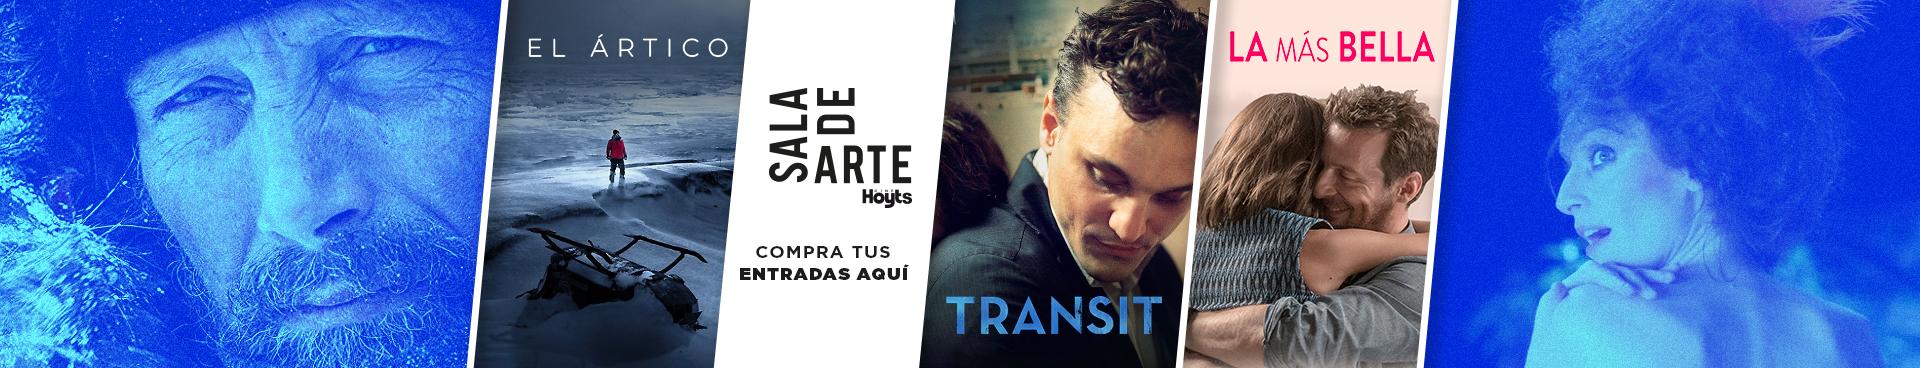 SALA DE ARTE:  EL ARTICO + TRANSIT + LA MÁS BELLA, COMPRA TU ENTRADAS AQUÍ